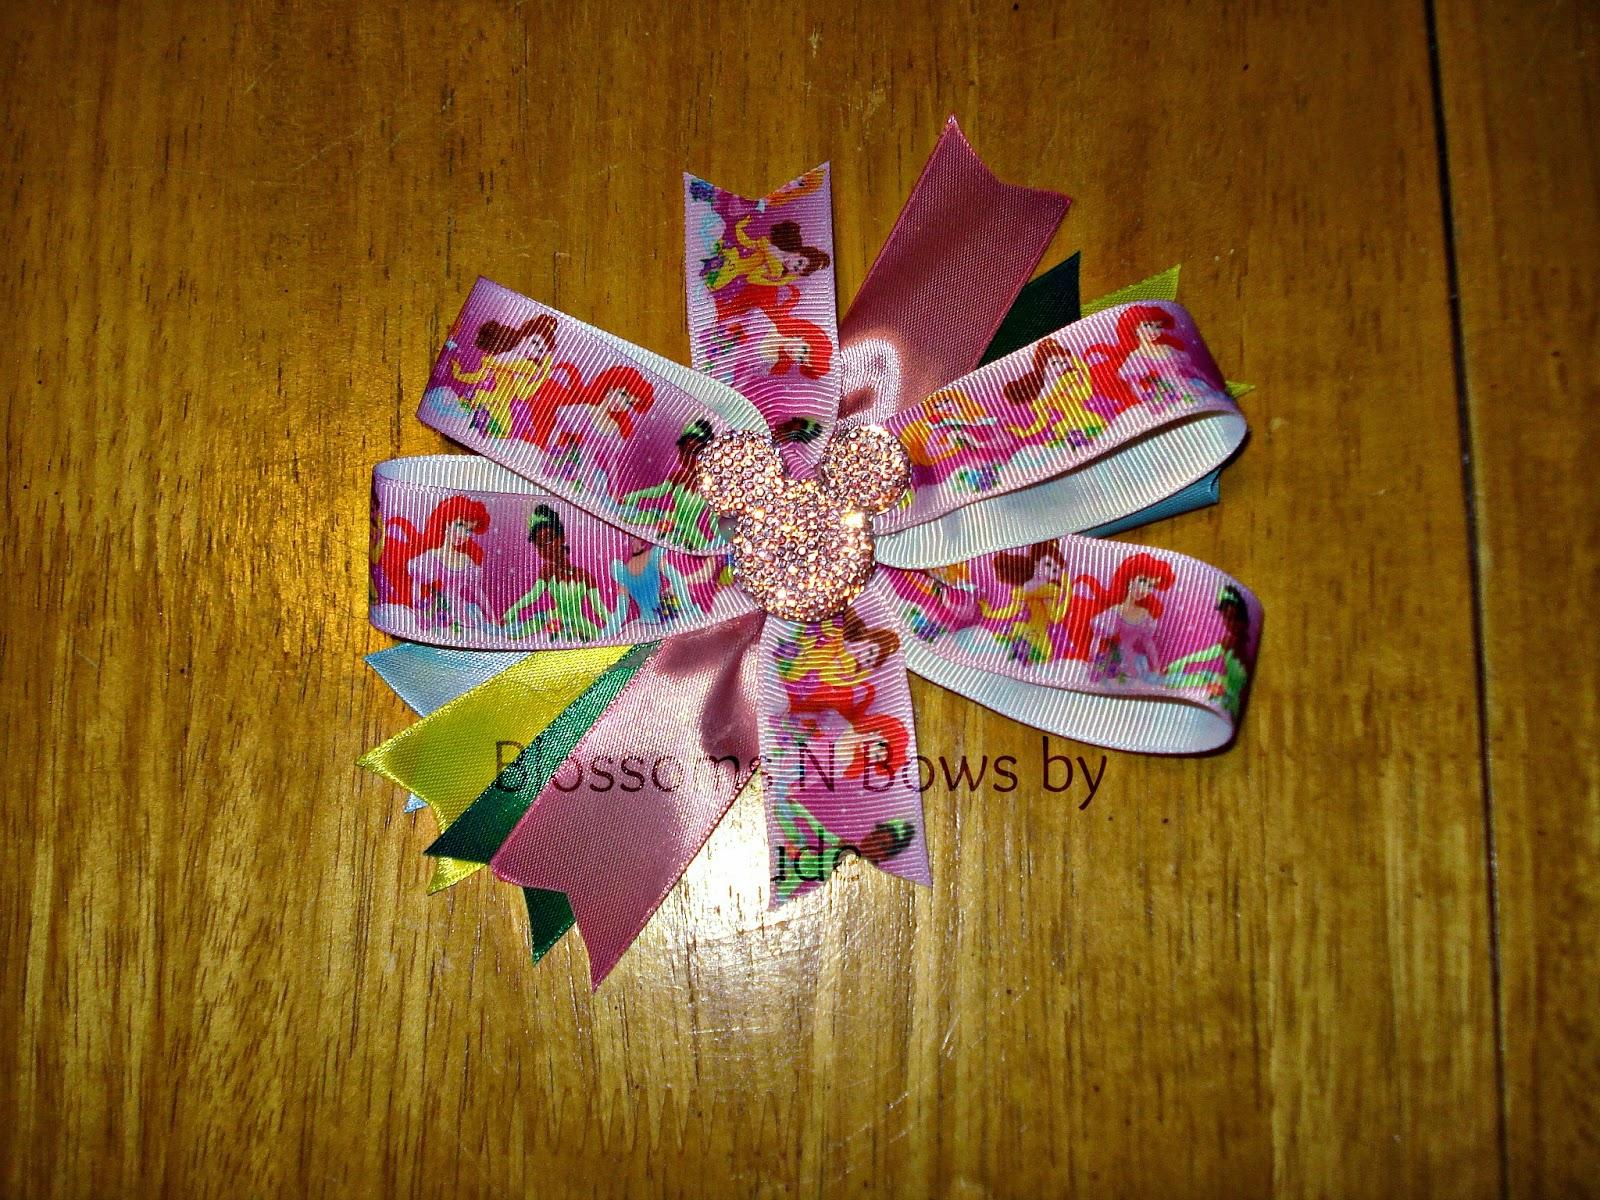 http://www.ebay.com/itm/151293666610?ssPageName=STRK:MESELX:IT&_trksid=p3984.m1555.l2649